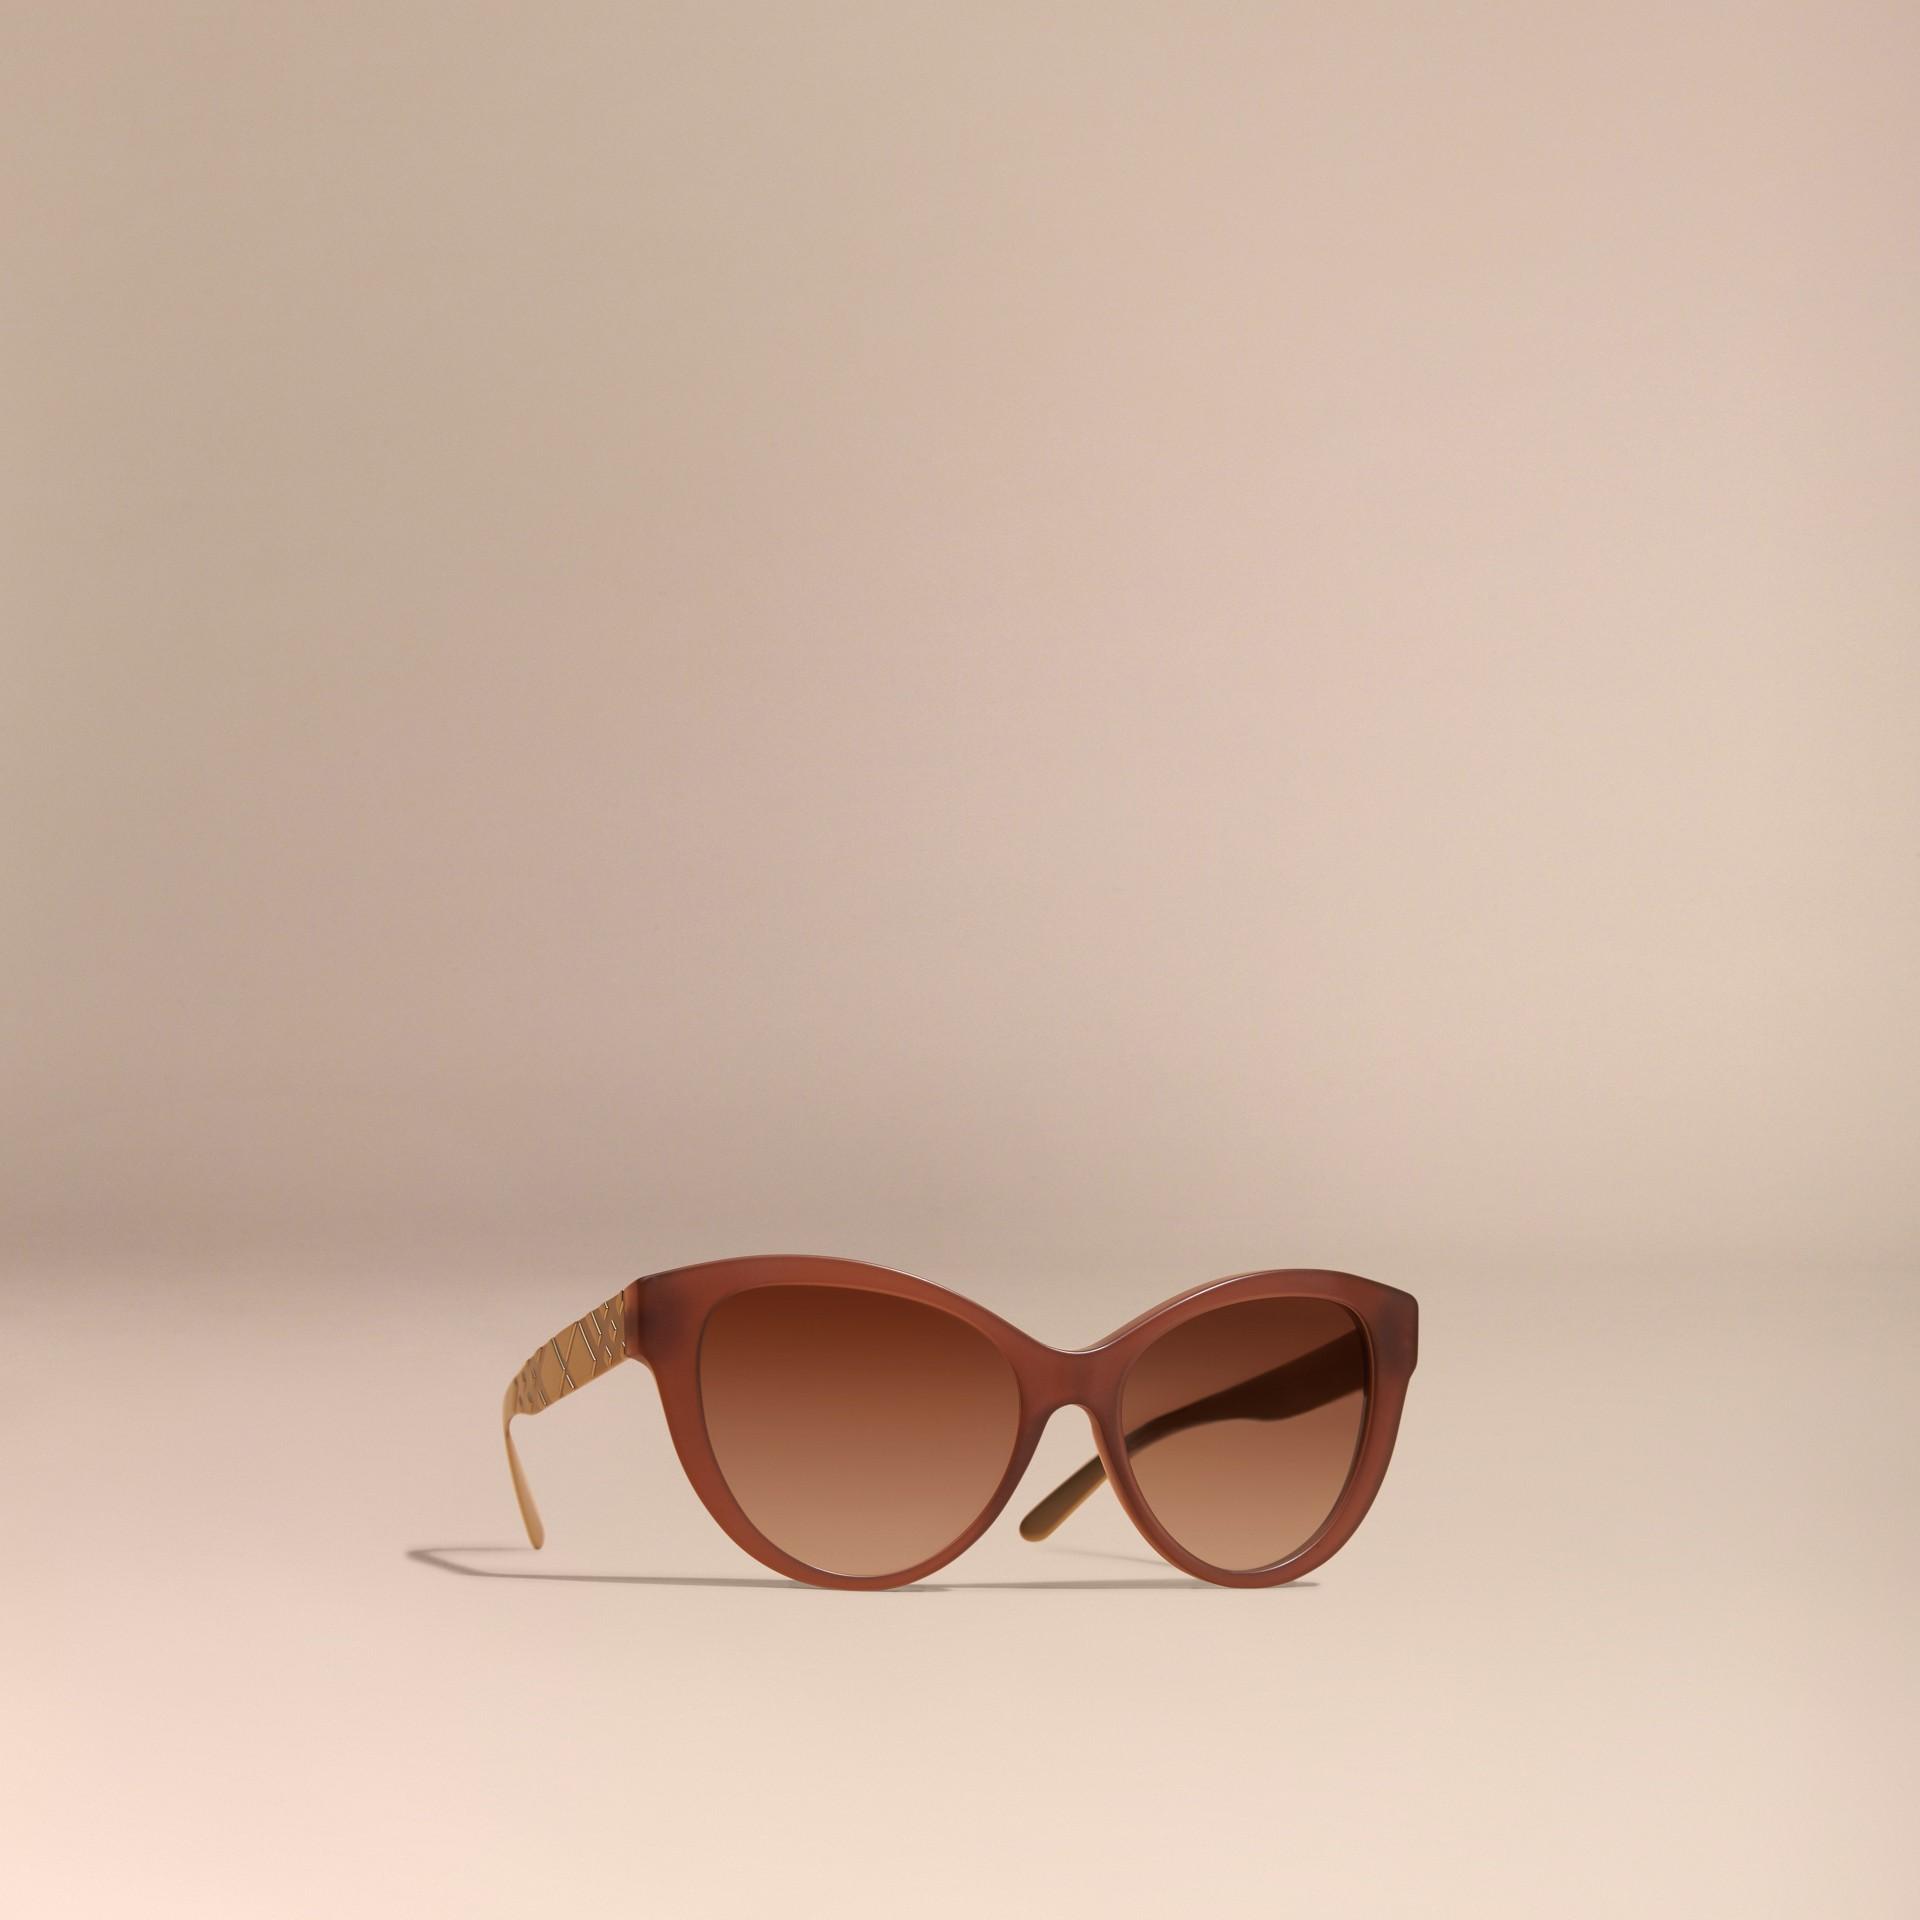 Marrone talpa Occhiali da sole con montatura cat-eye e motivo check tridimensionale Marrone Talpa - immagine della galleria 1